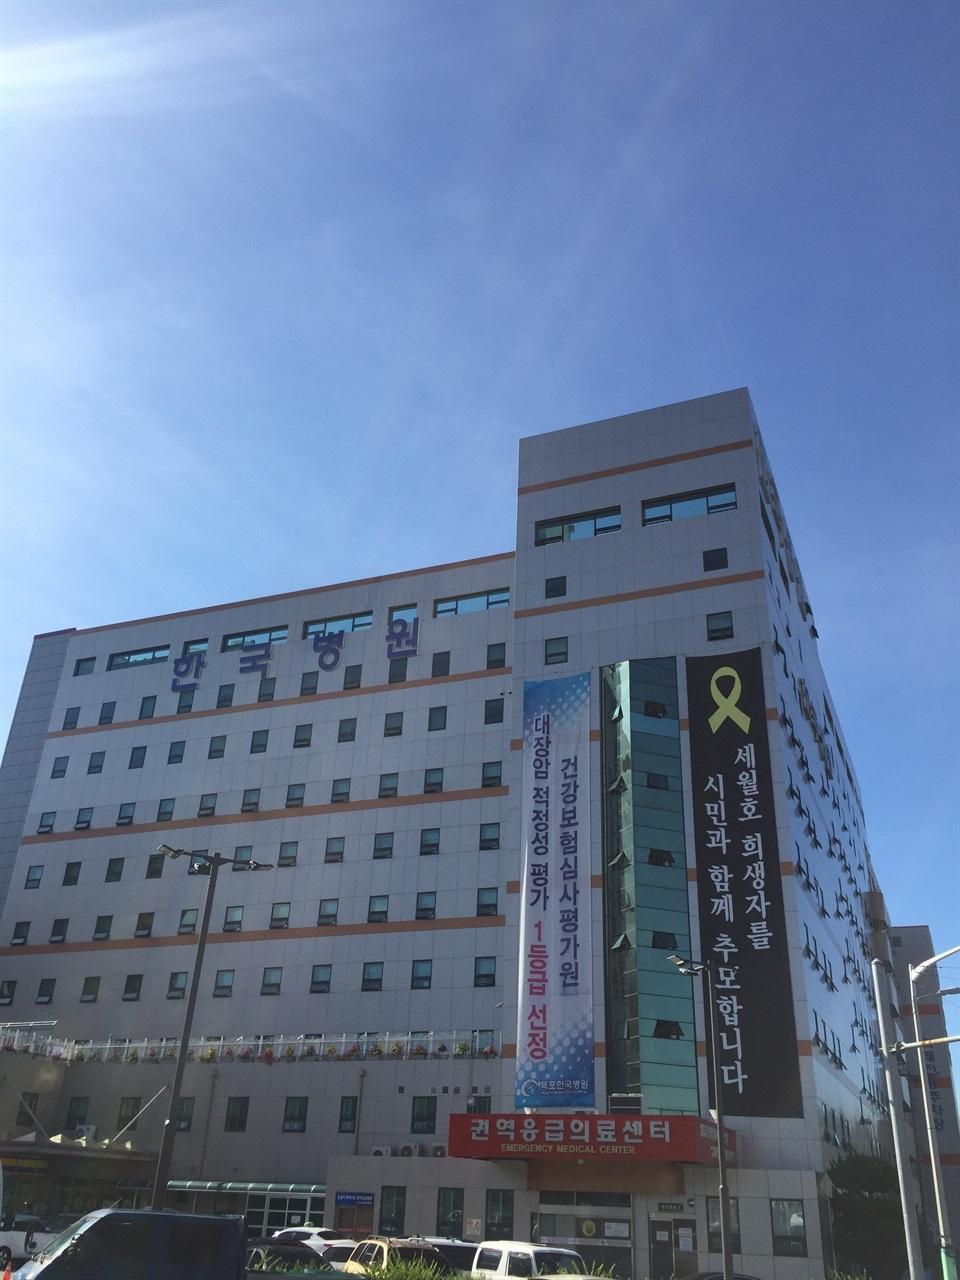 목포 시내에도 그날의 흔적은 곳곳에 남아있었다. 목포 한국병원은 수많은 생존자, 유가족, 희생자가 거쳐간 곳이다.